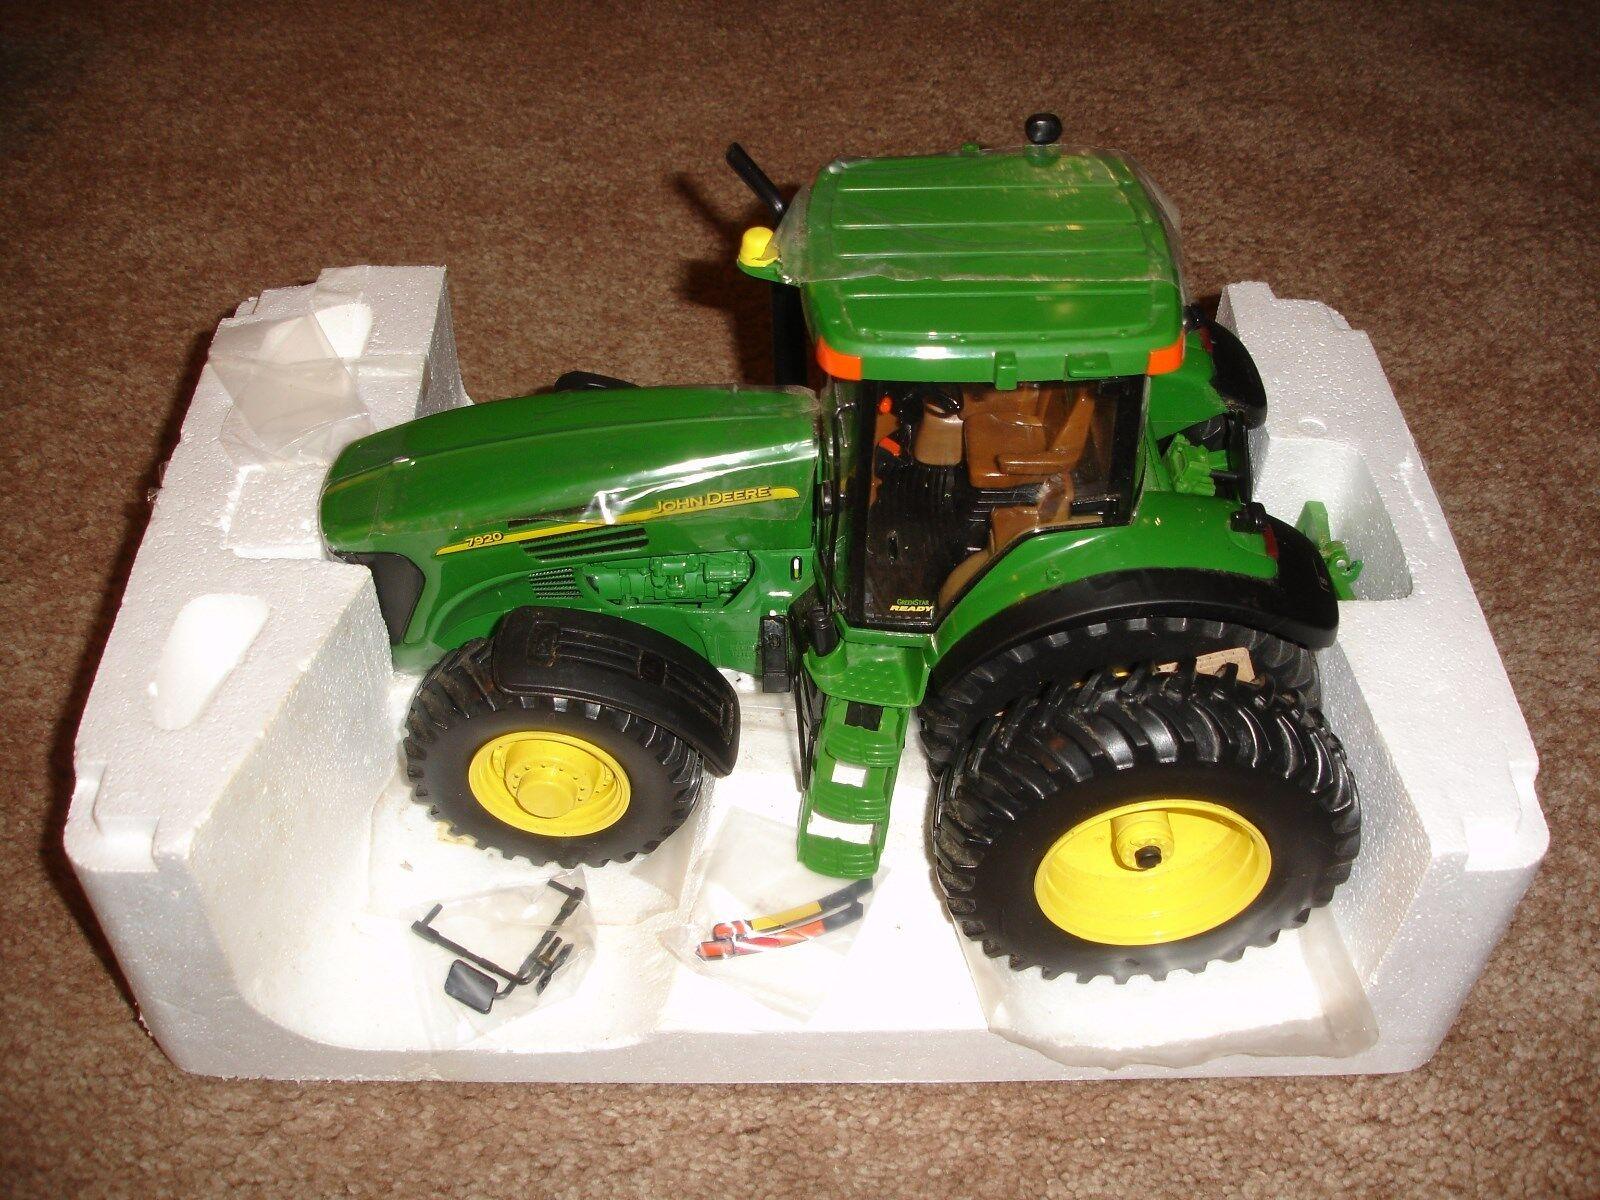 nuovo stile 1 16    john deere 7920 giocattolo tractor  online al miglior prezzo